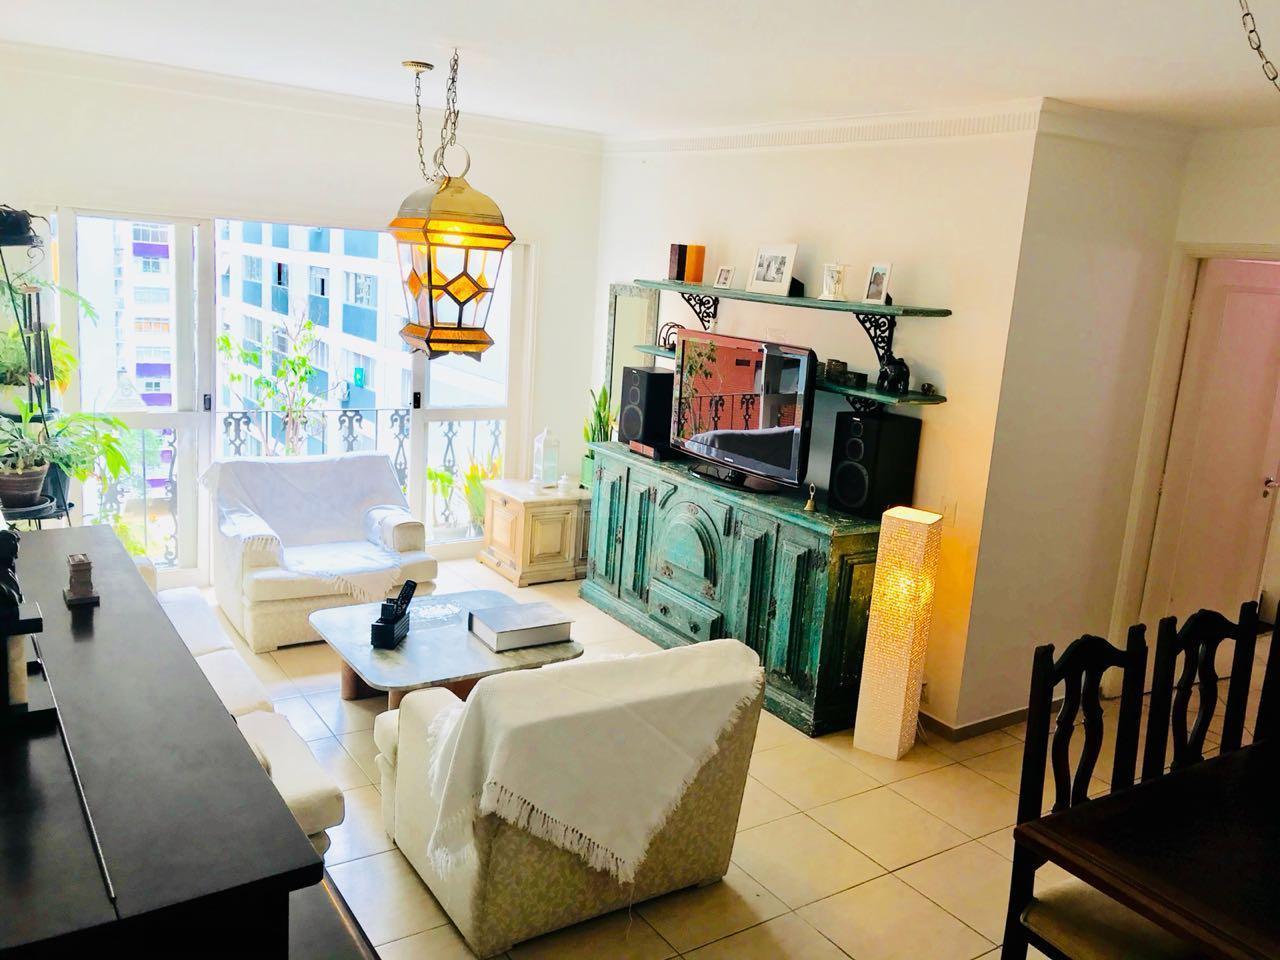 Apartamento a venda no Itaim Bibi de 3 dormitórios , 1 vaga de garagem